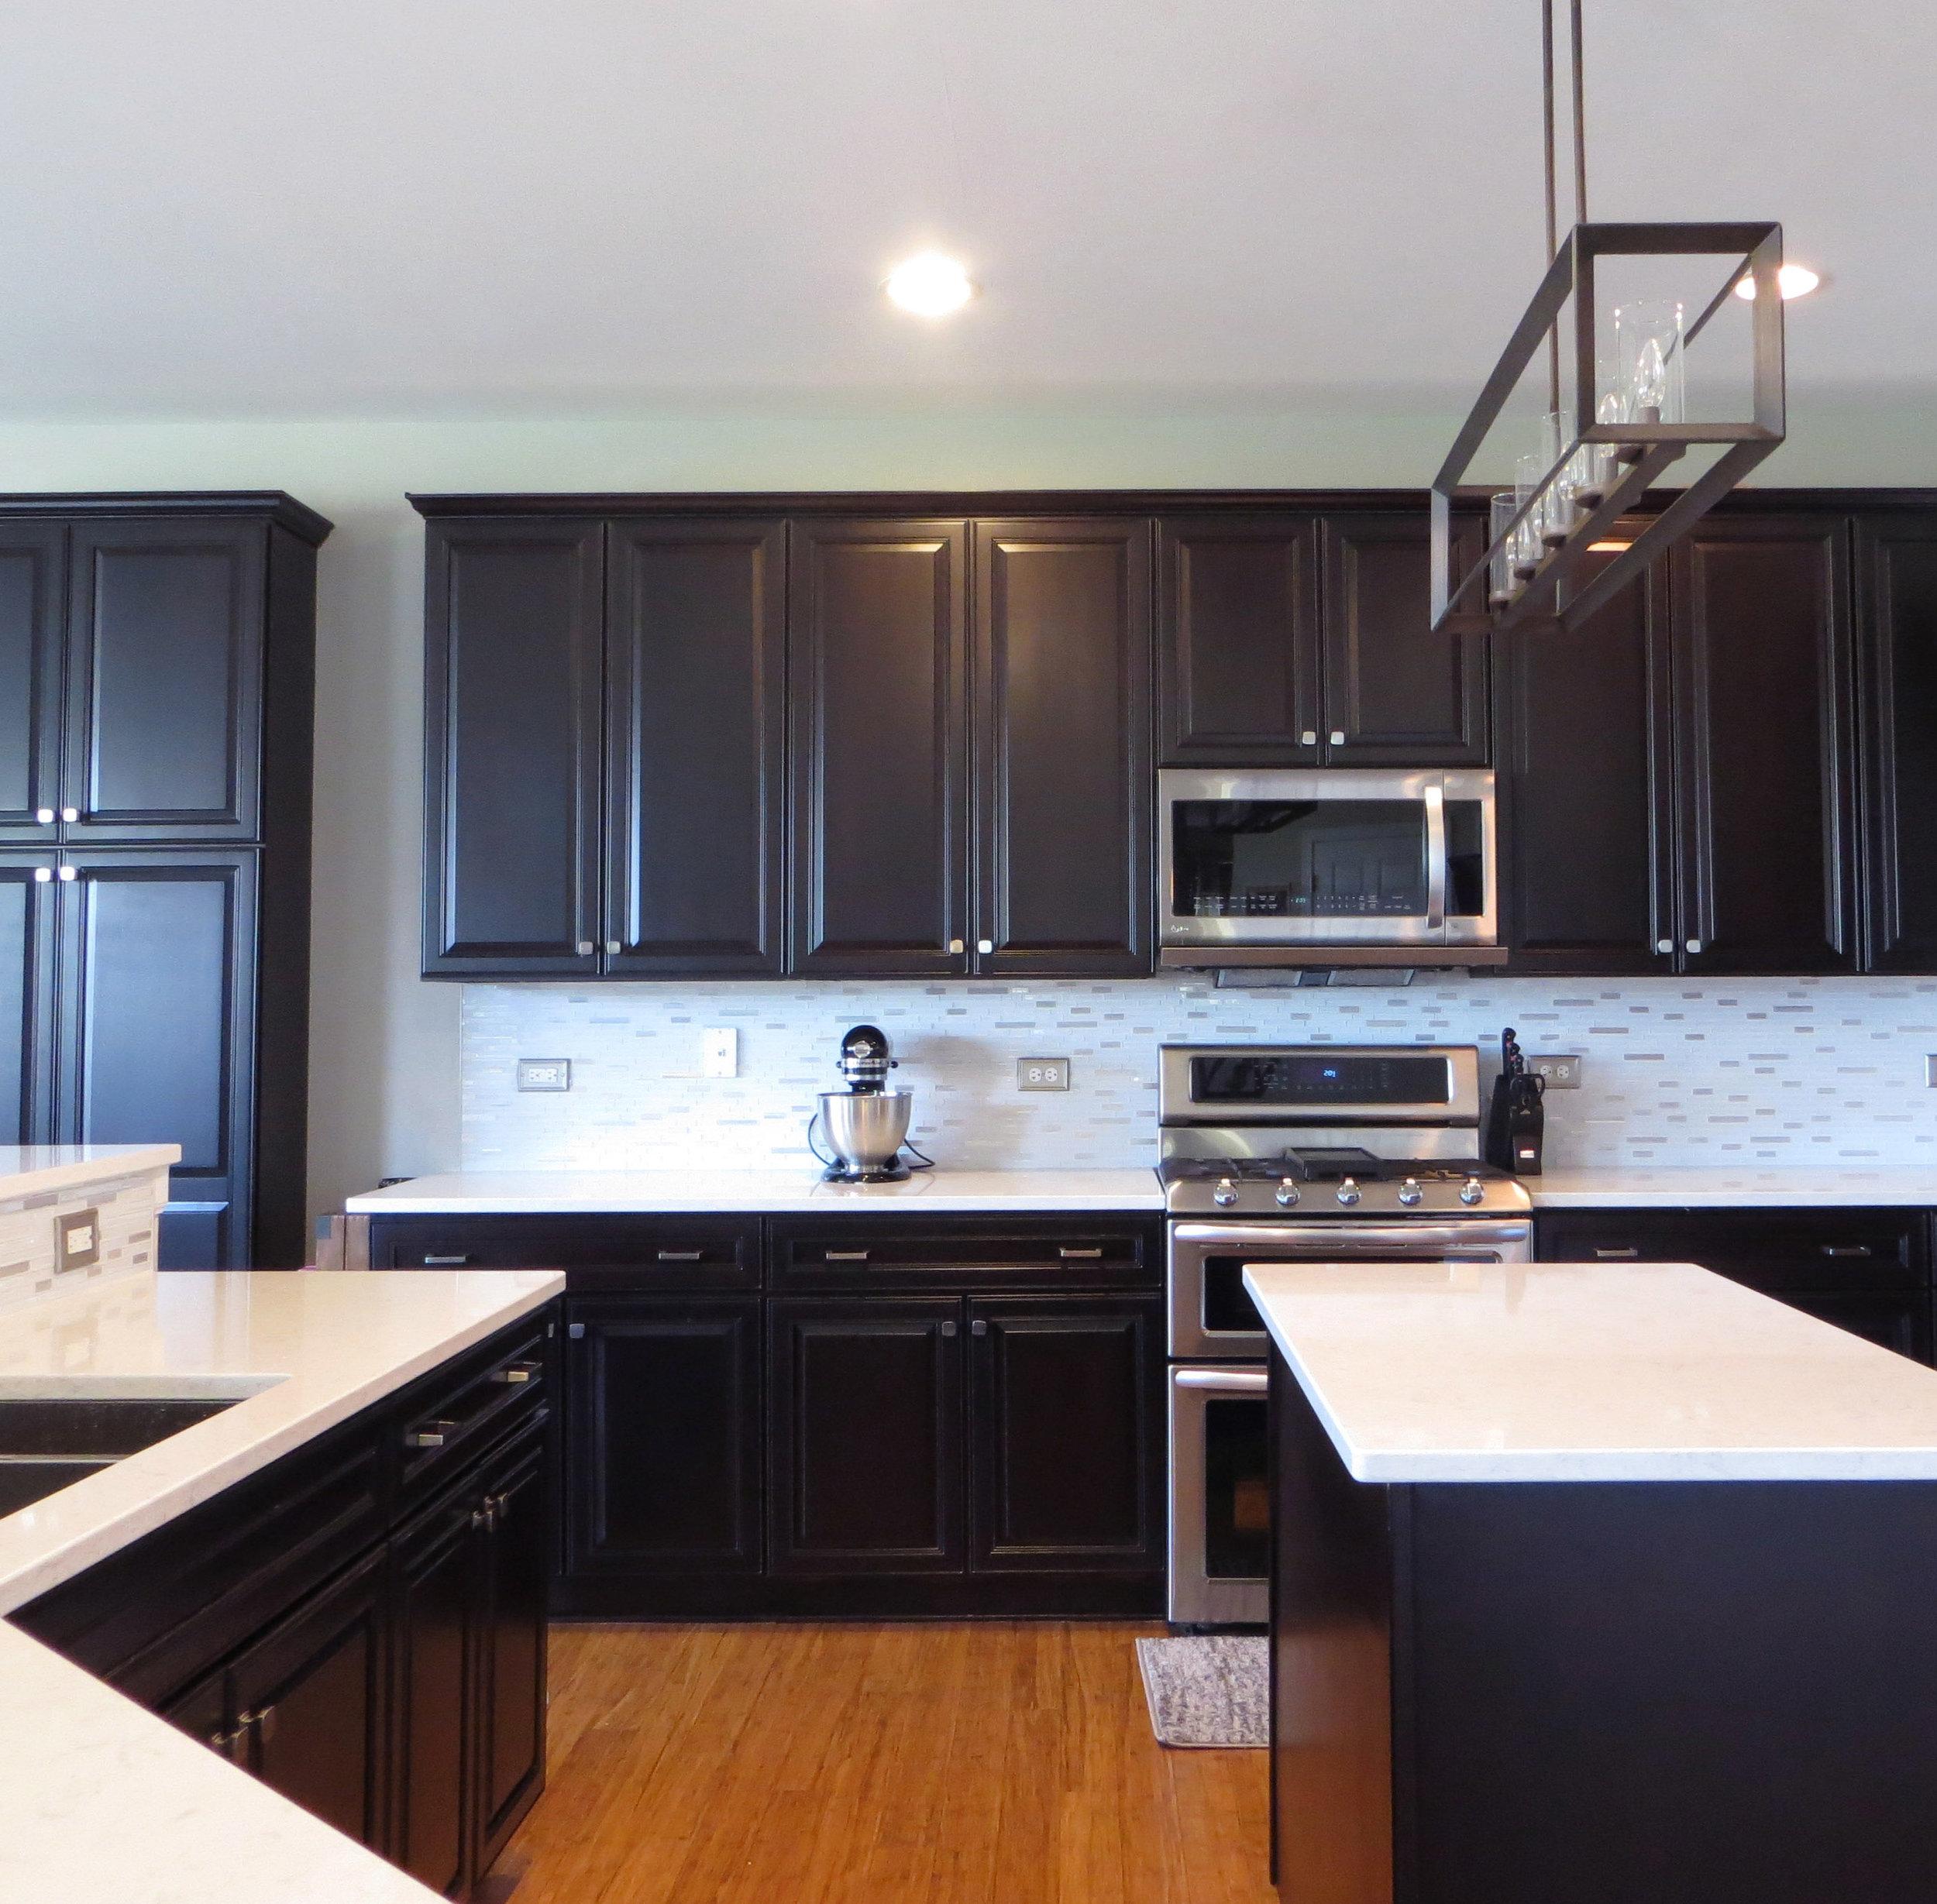 kitchen after crop.jpg